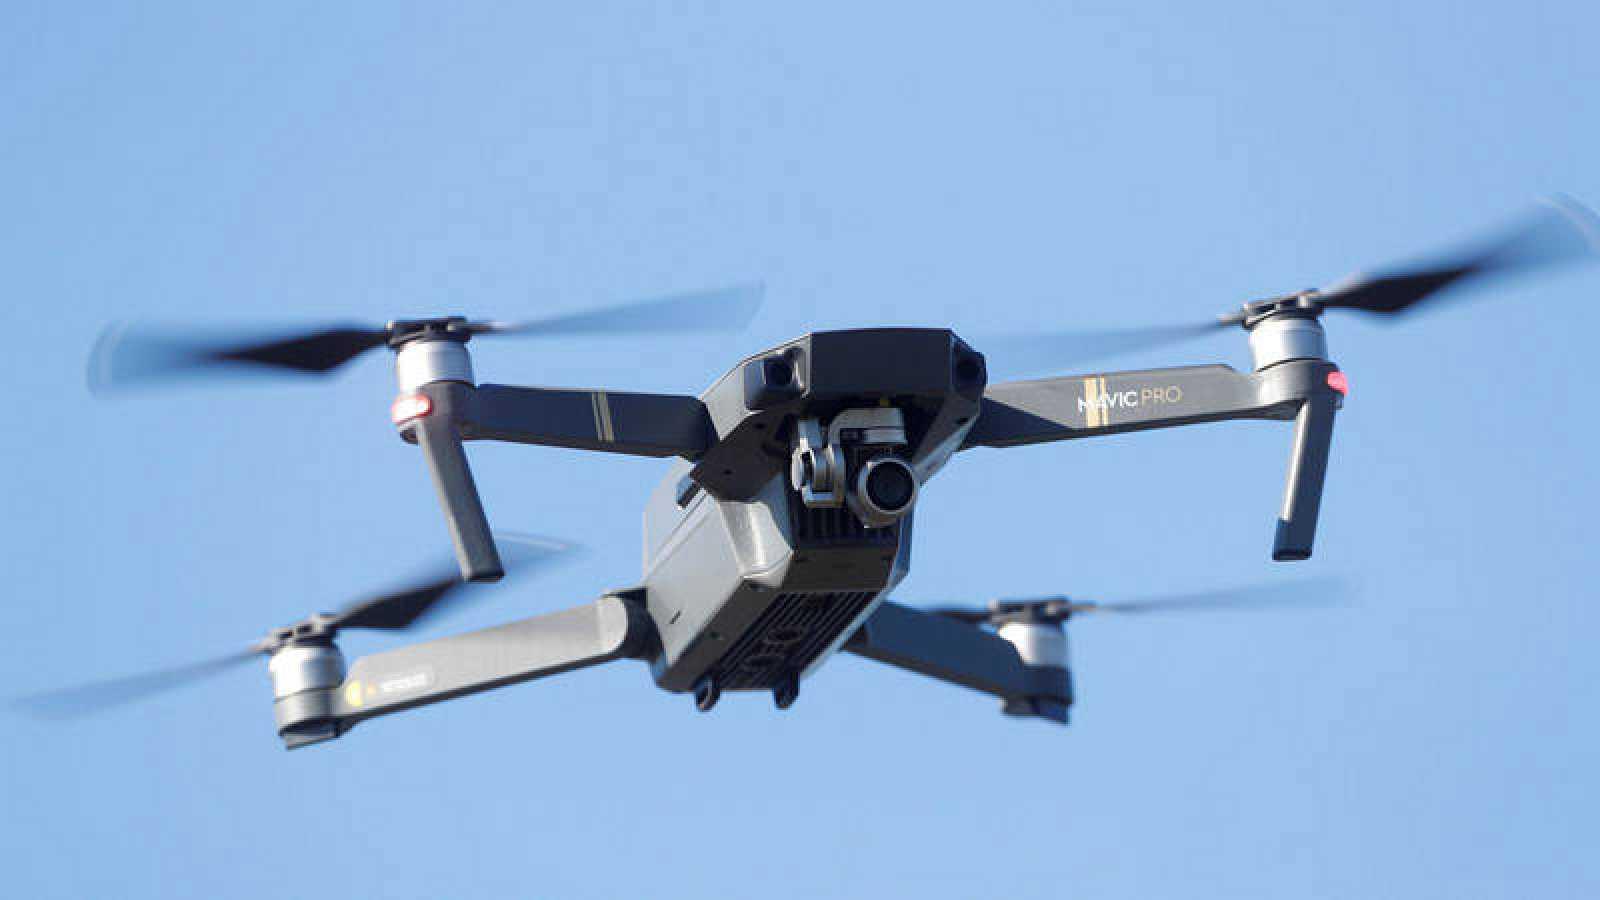 Los aeropuertos del Reino Unido deberán implementar tecnología antidrones